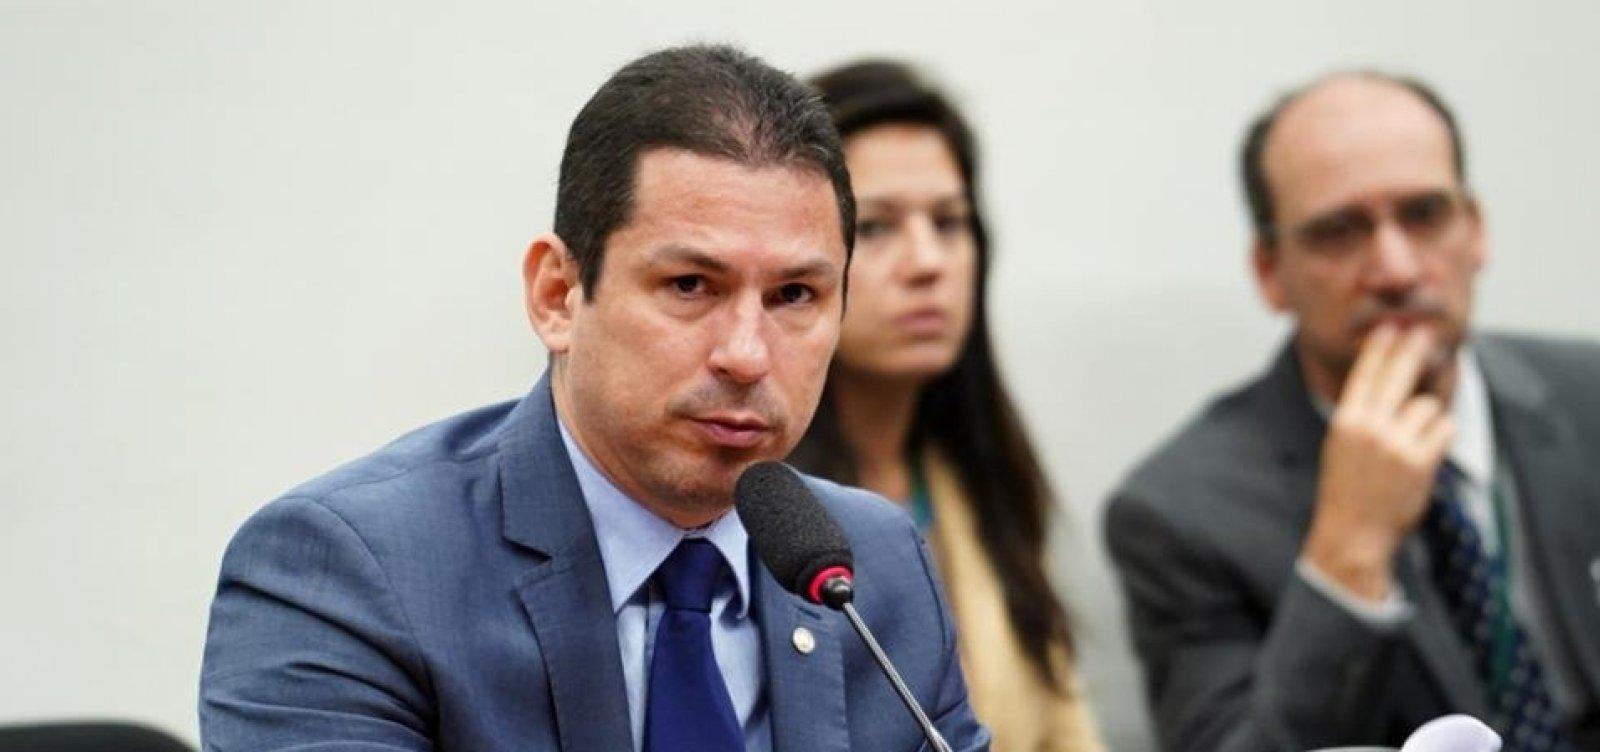 Relatório da Previdência sai até dia 15, diz presidente da Comissão